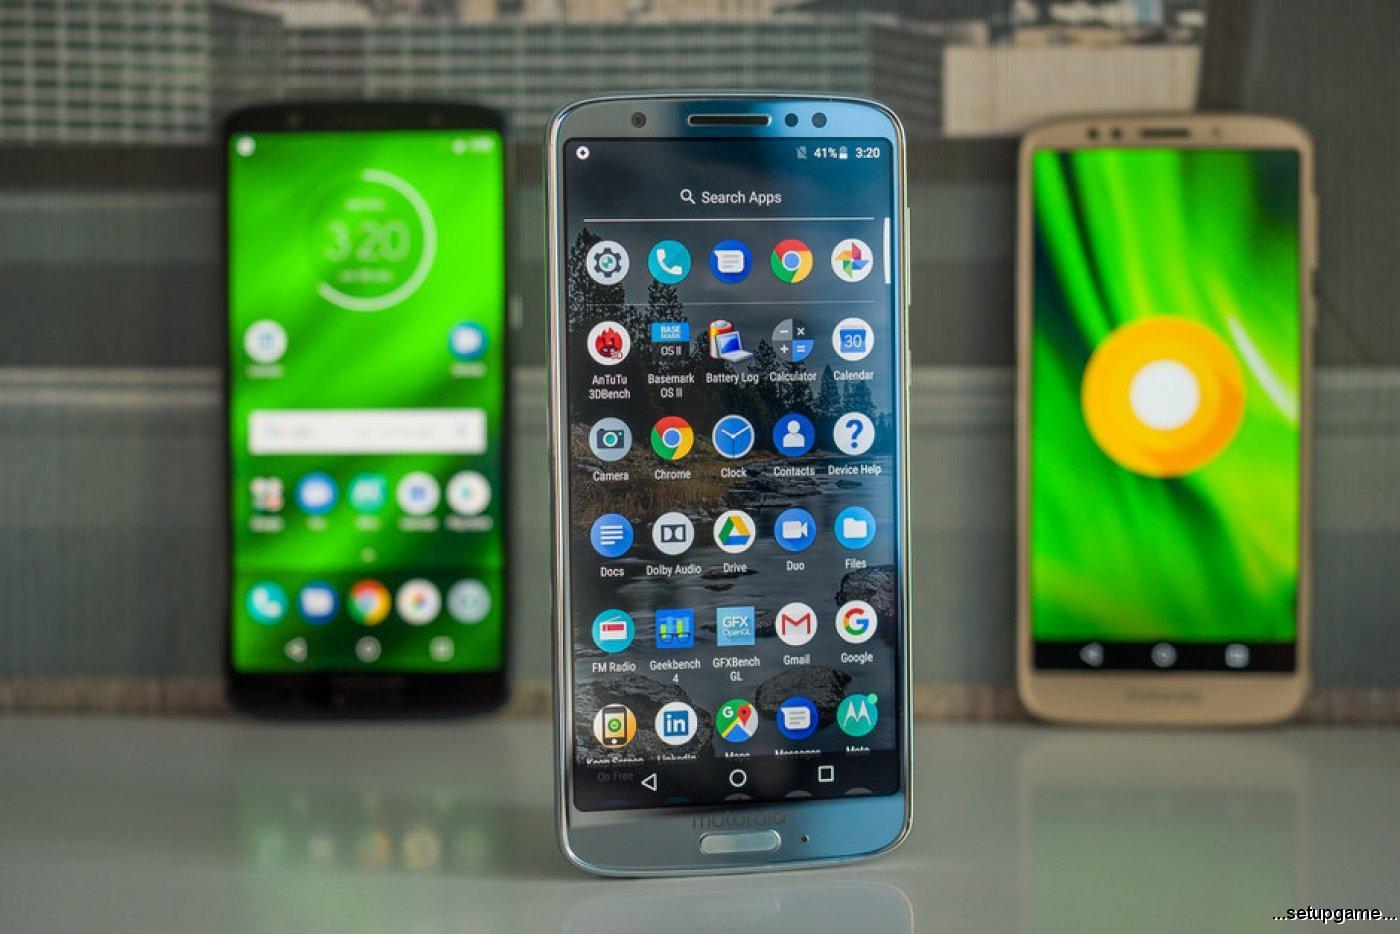 بهترین گوشیهای زیر 200 دلار در سال 2019 کدامها هستند؟